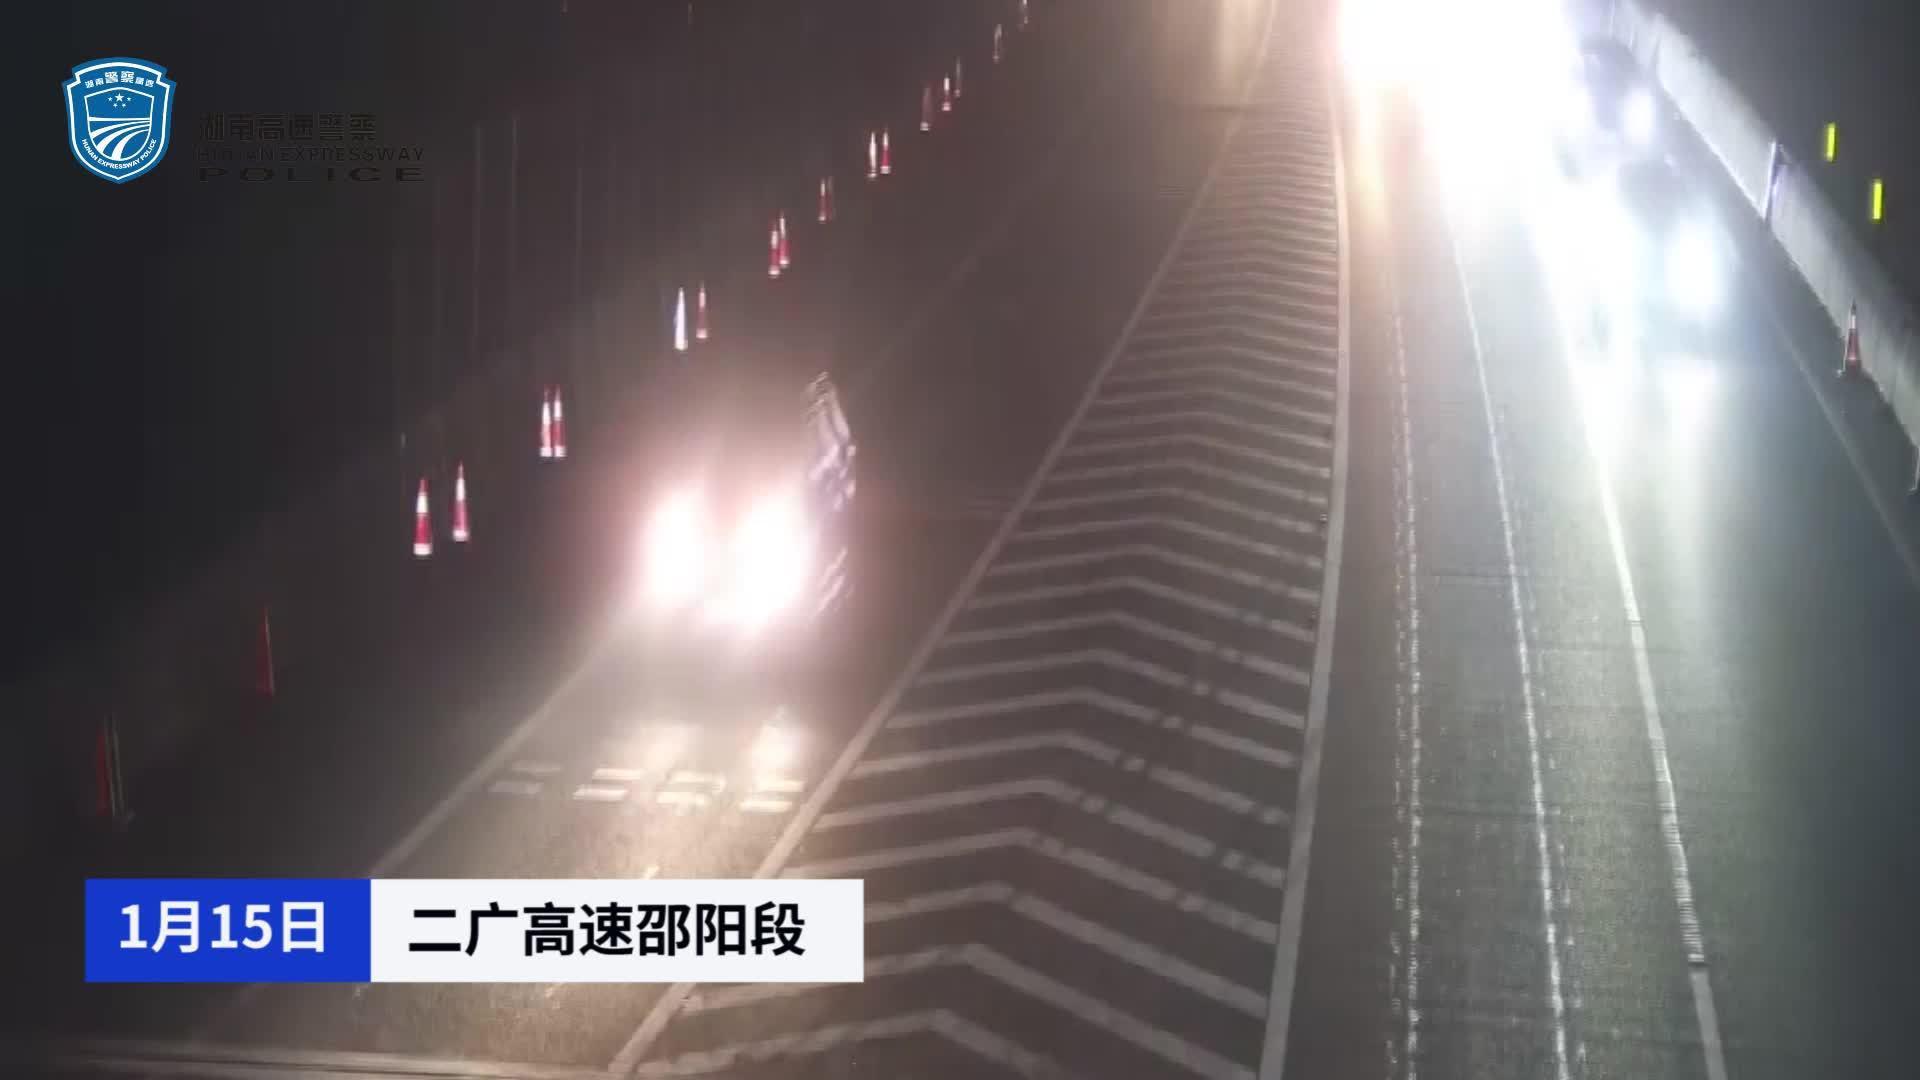 全责!小车走错路后违法变道、停车 后方大货车制动不及发生追尾